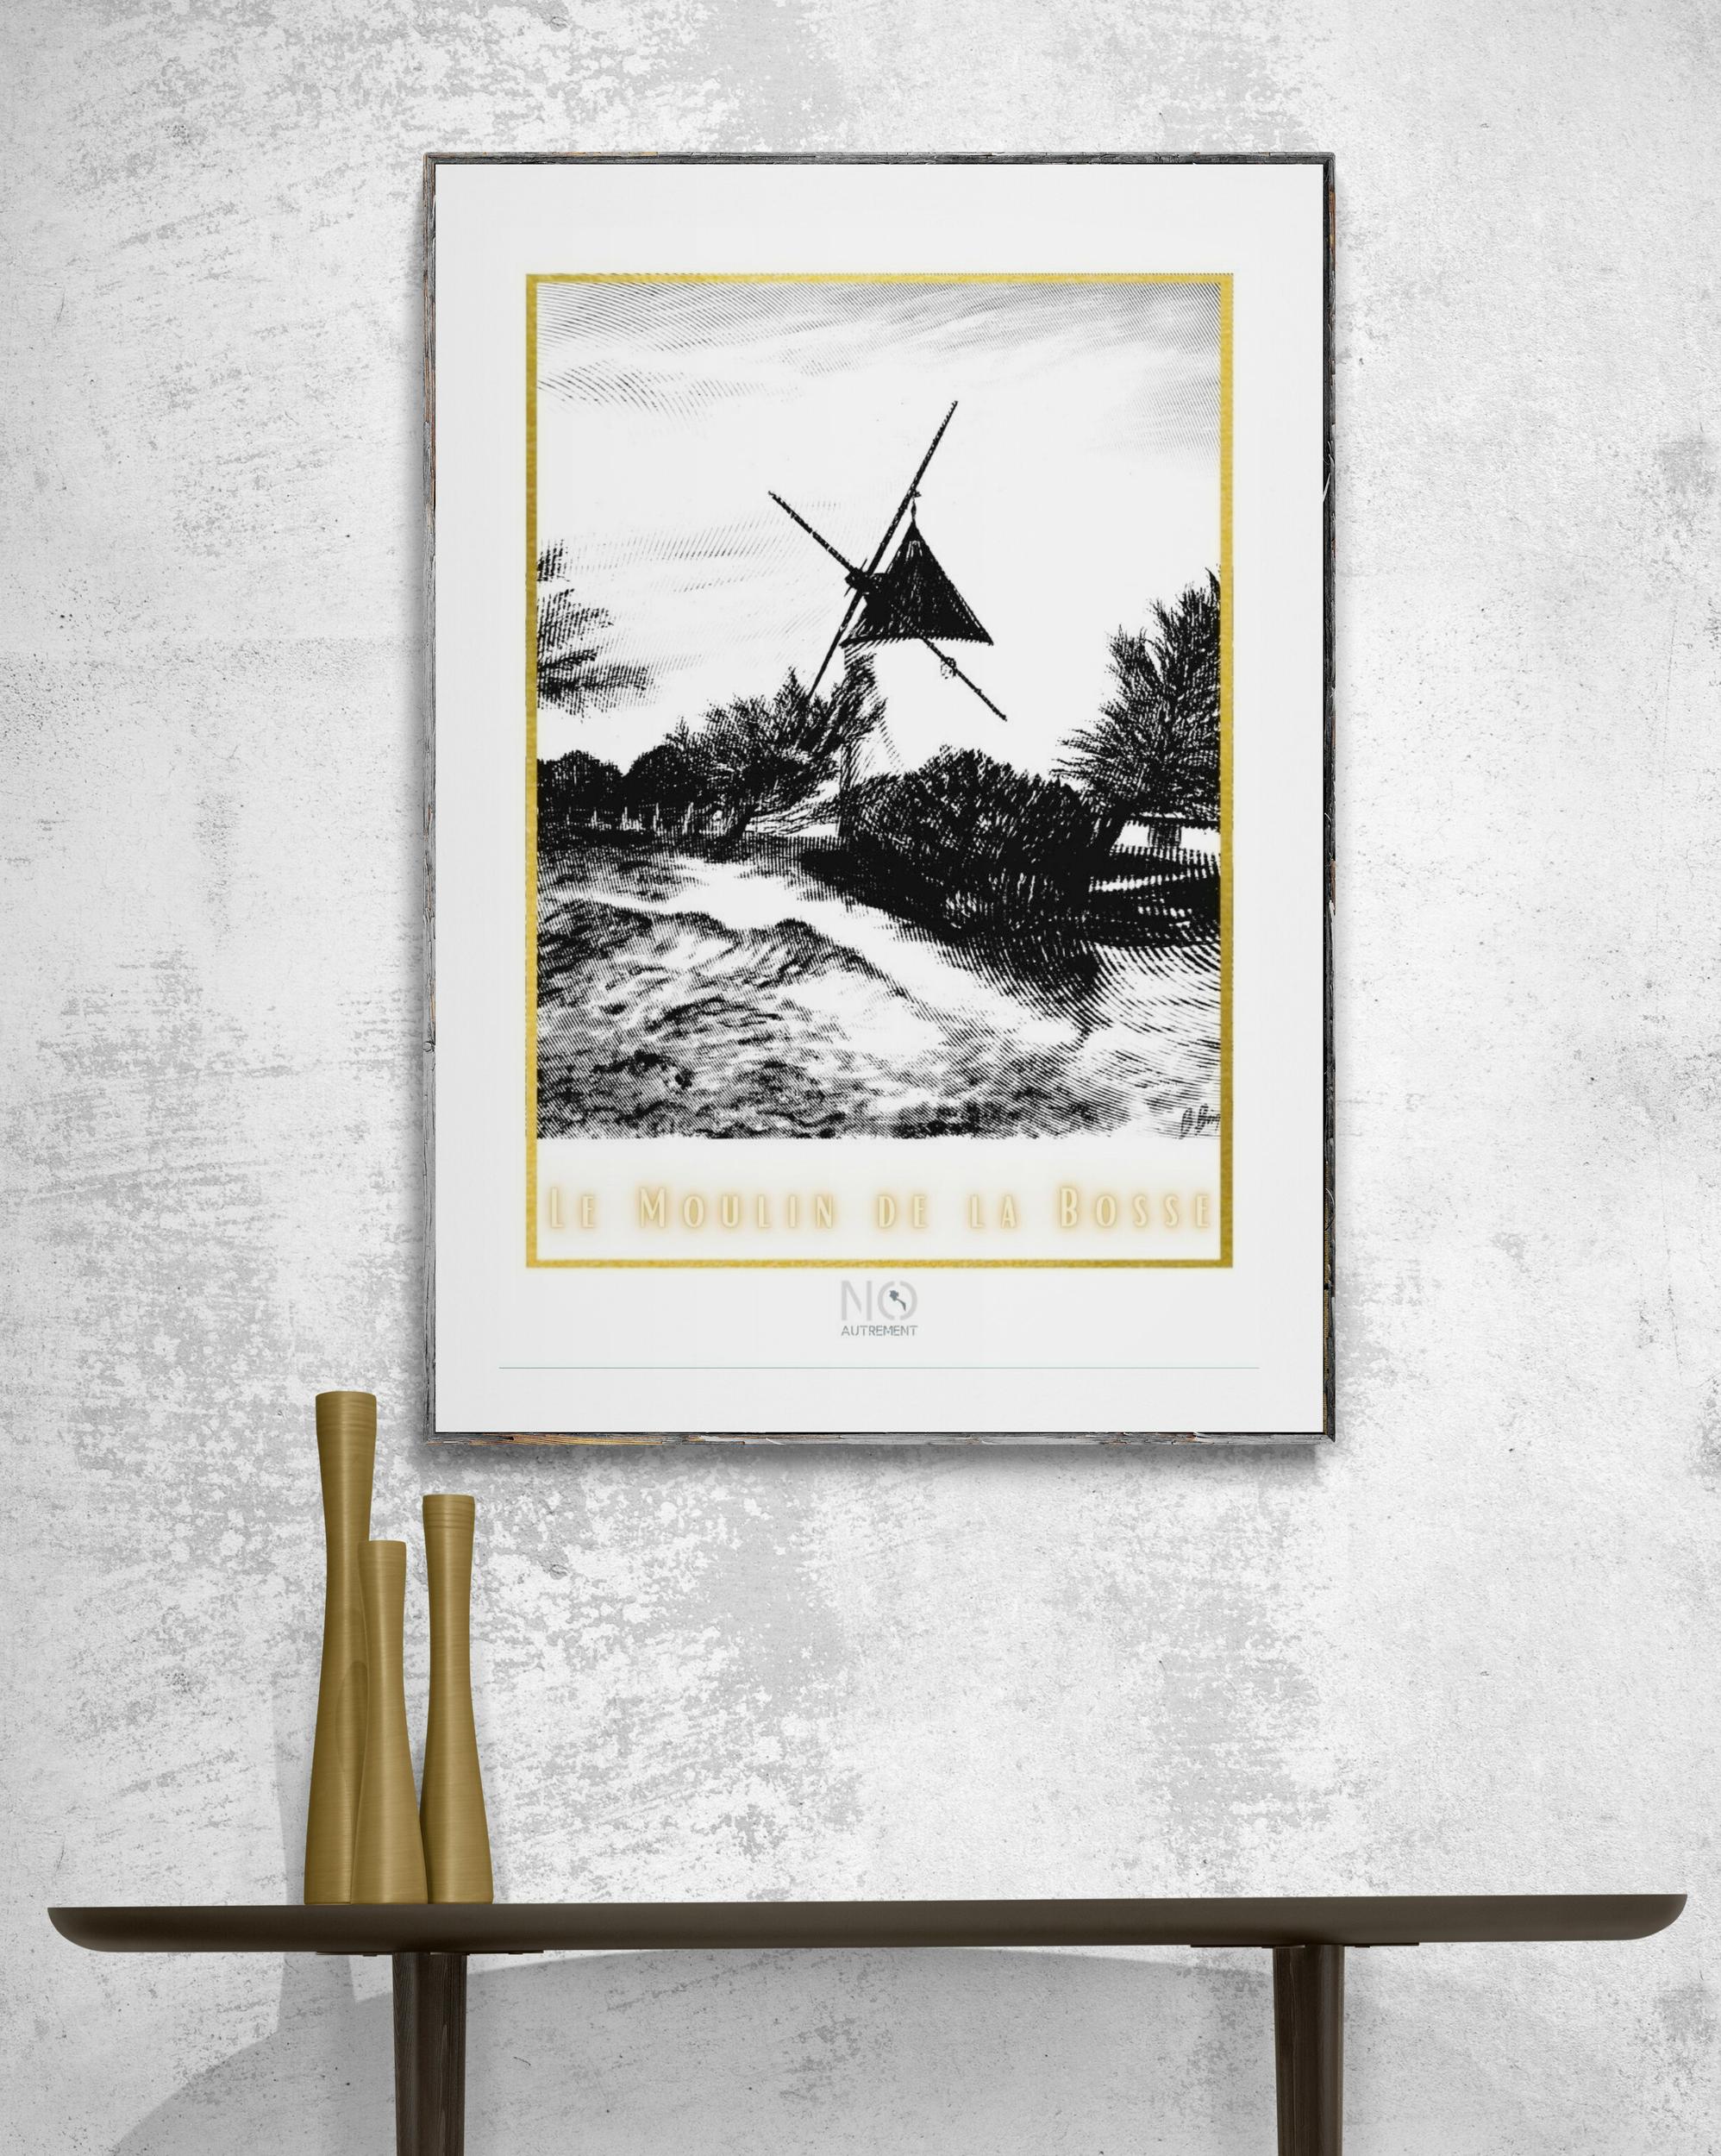 Affiche Le moulin de la bosse